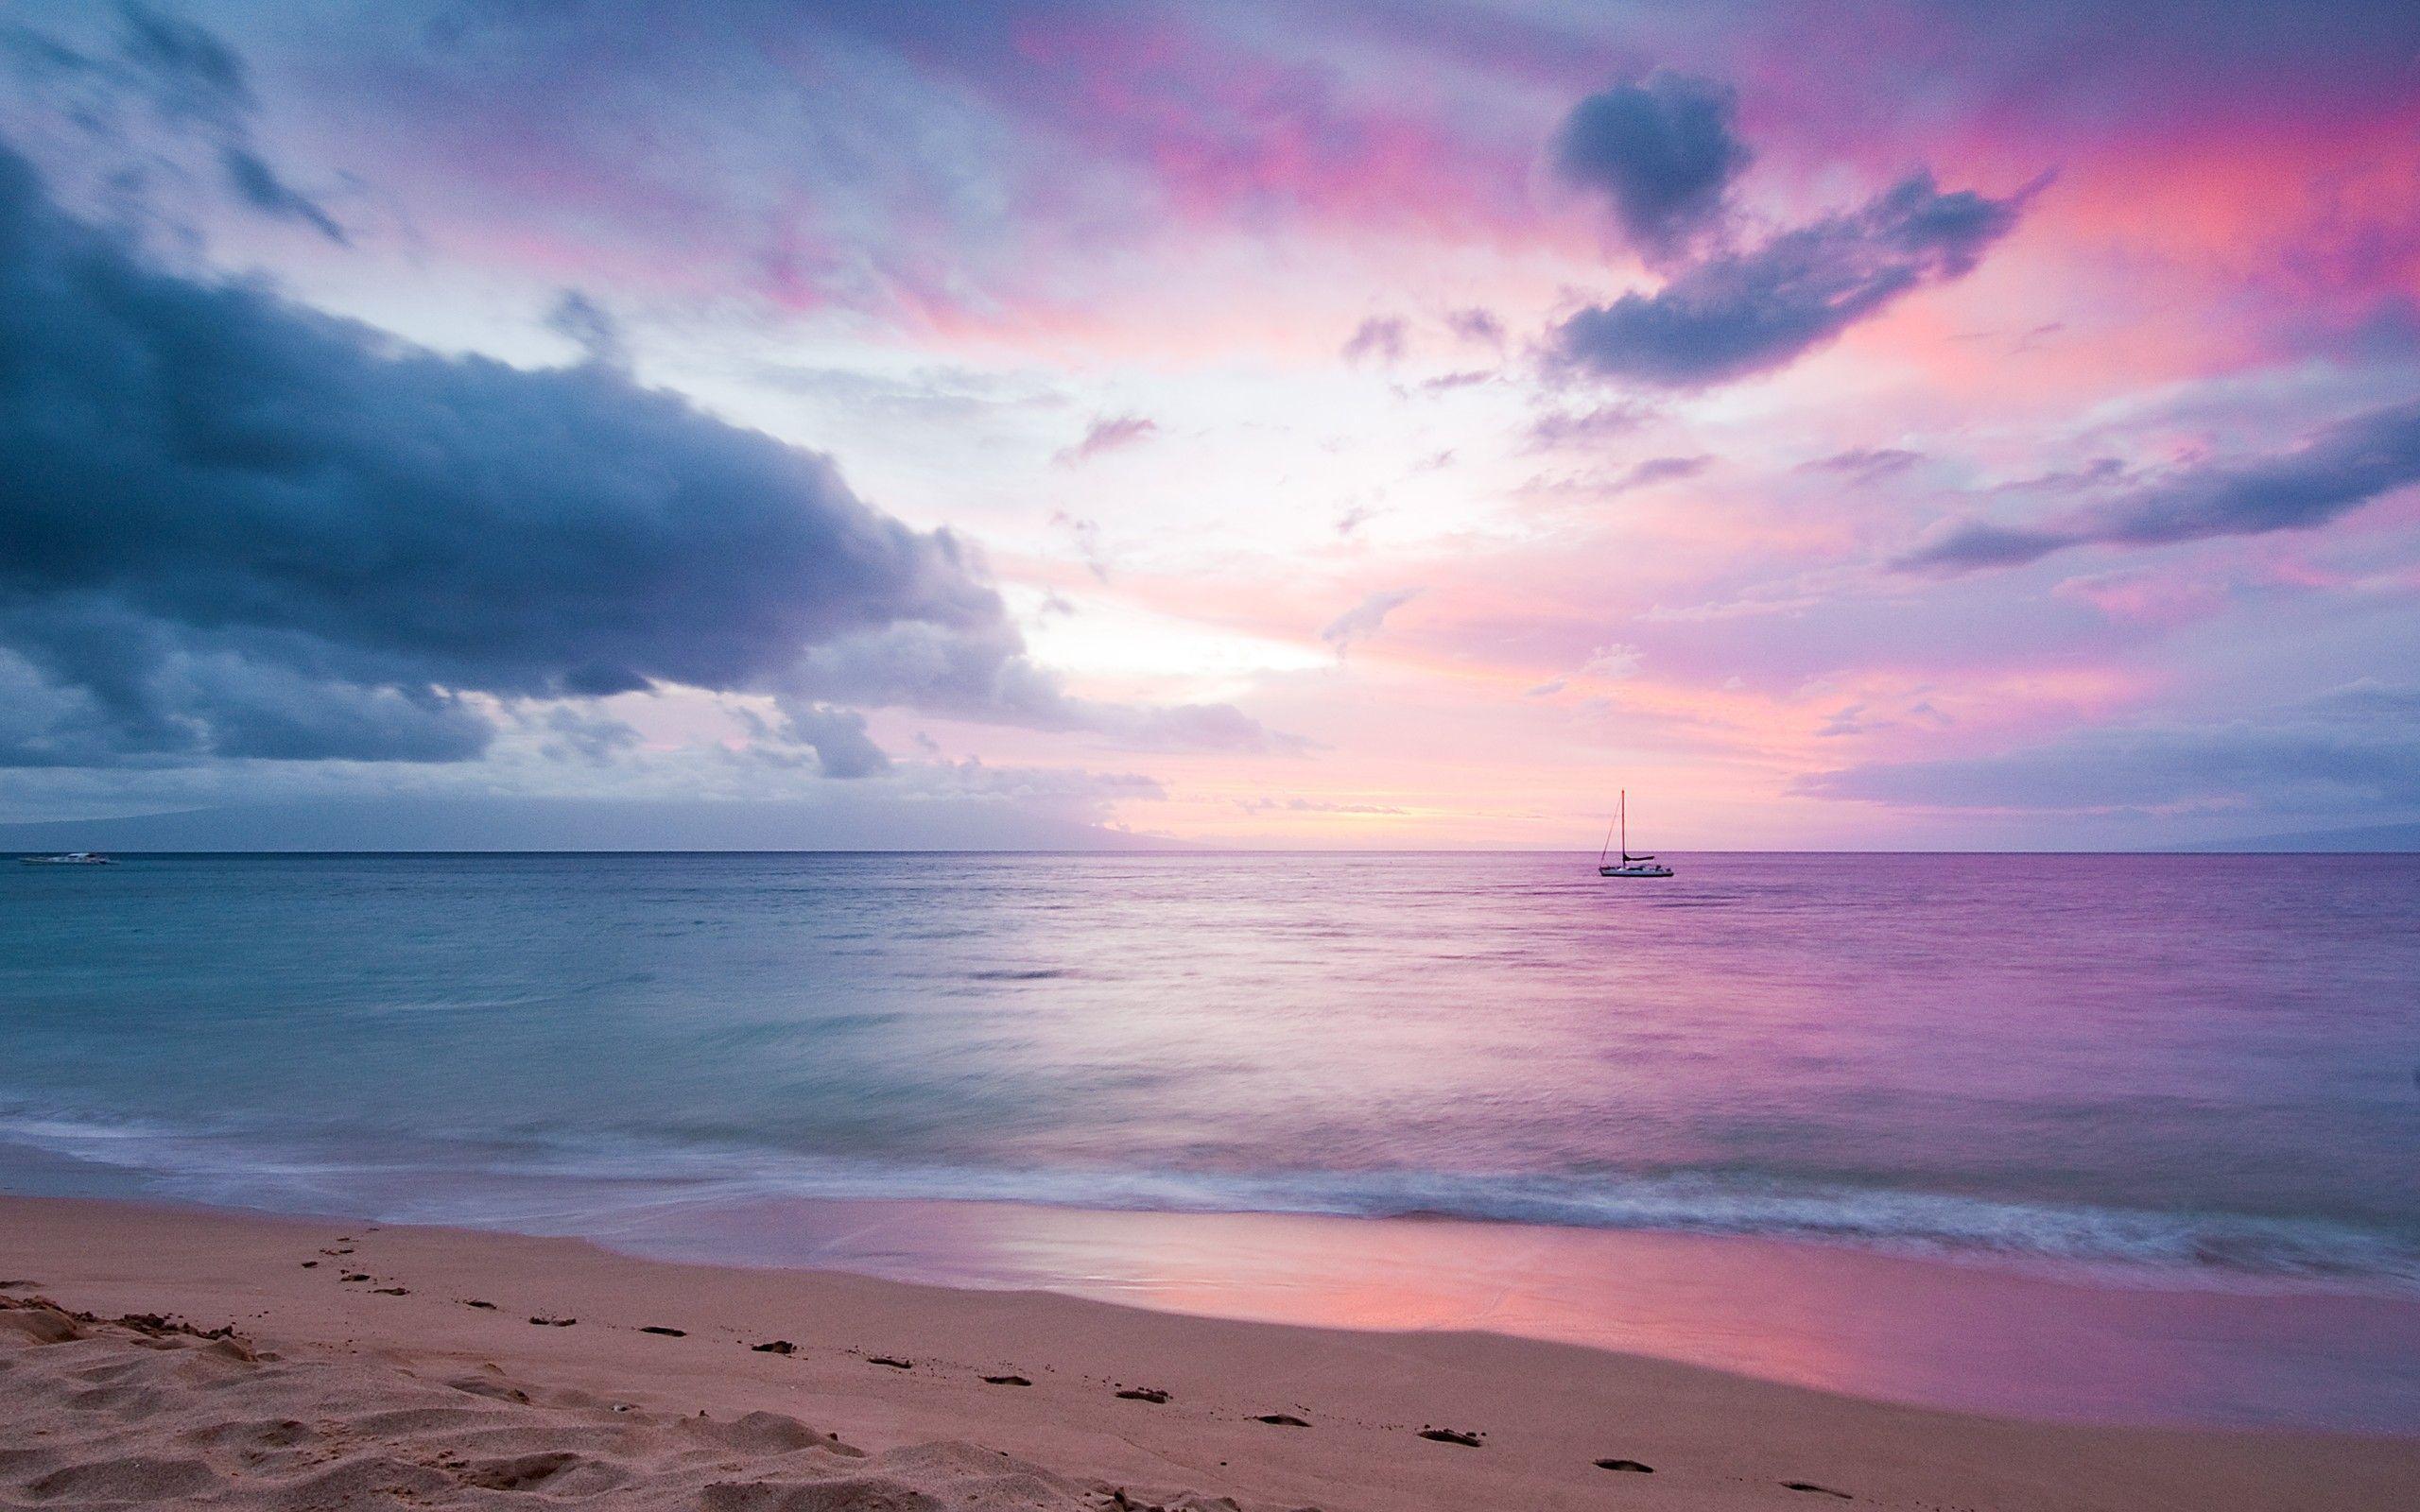 2560x1600 Hoàng hôn trên đảo Twilight Island, Thiên nhiên HD, Hình nền 4k, Hình ảnh, Bối cảnh, Hình ảnh và Hình ảnh